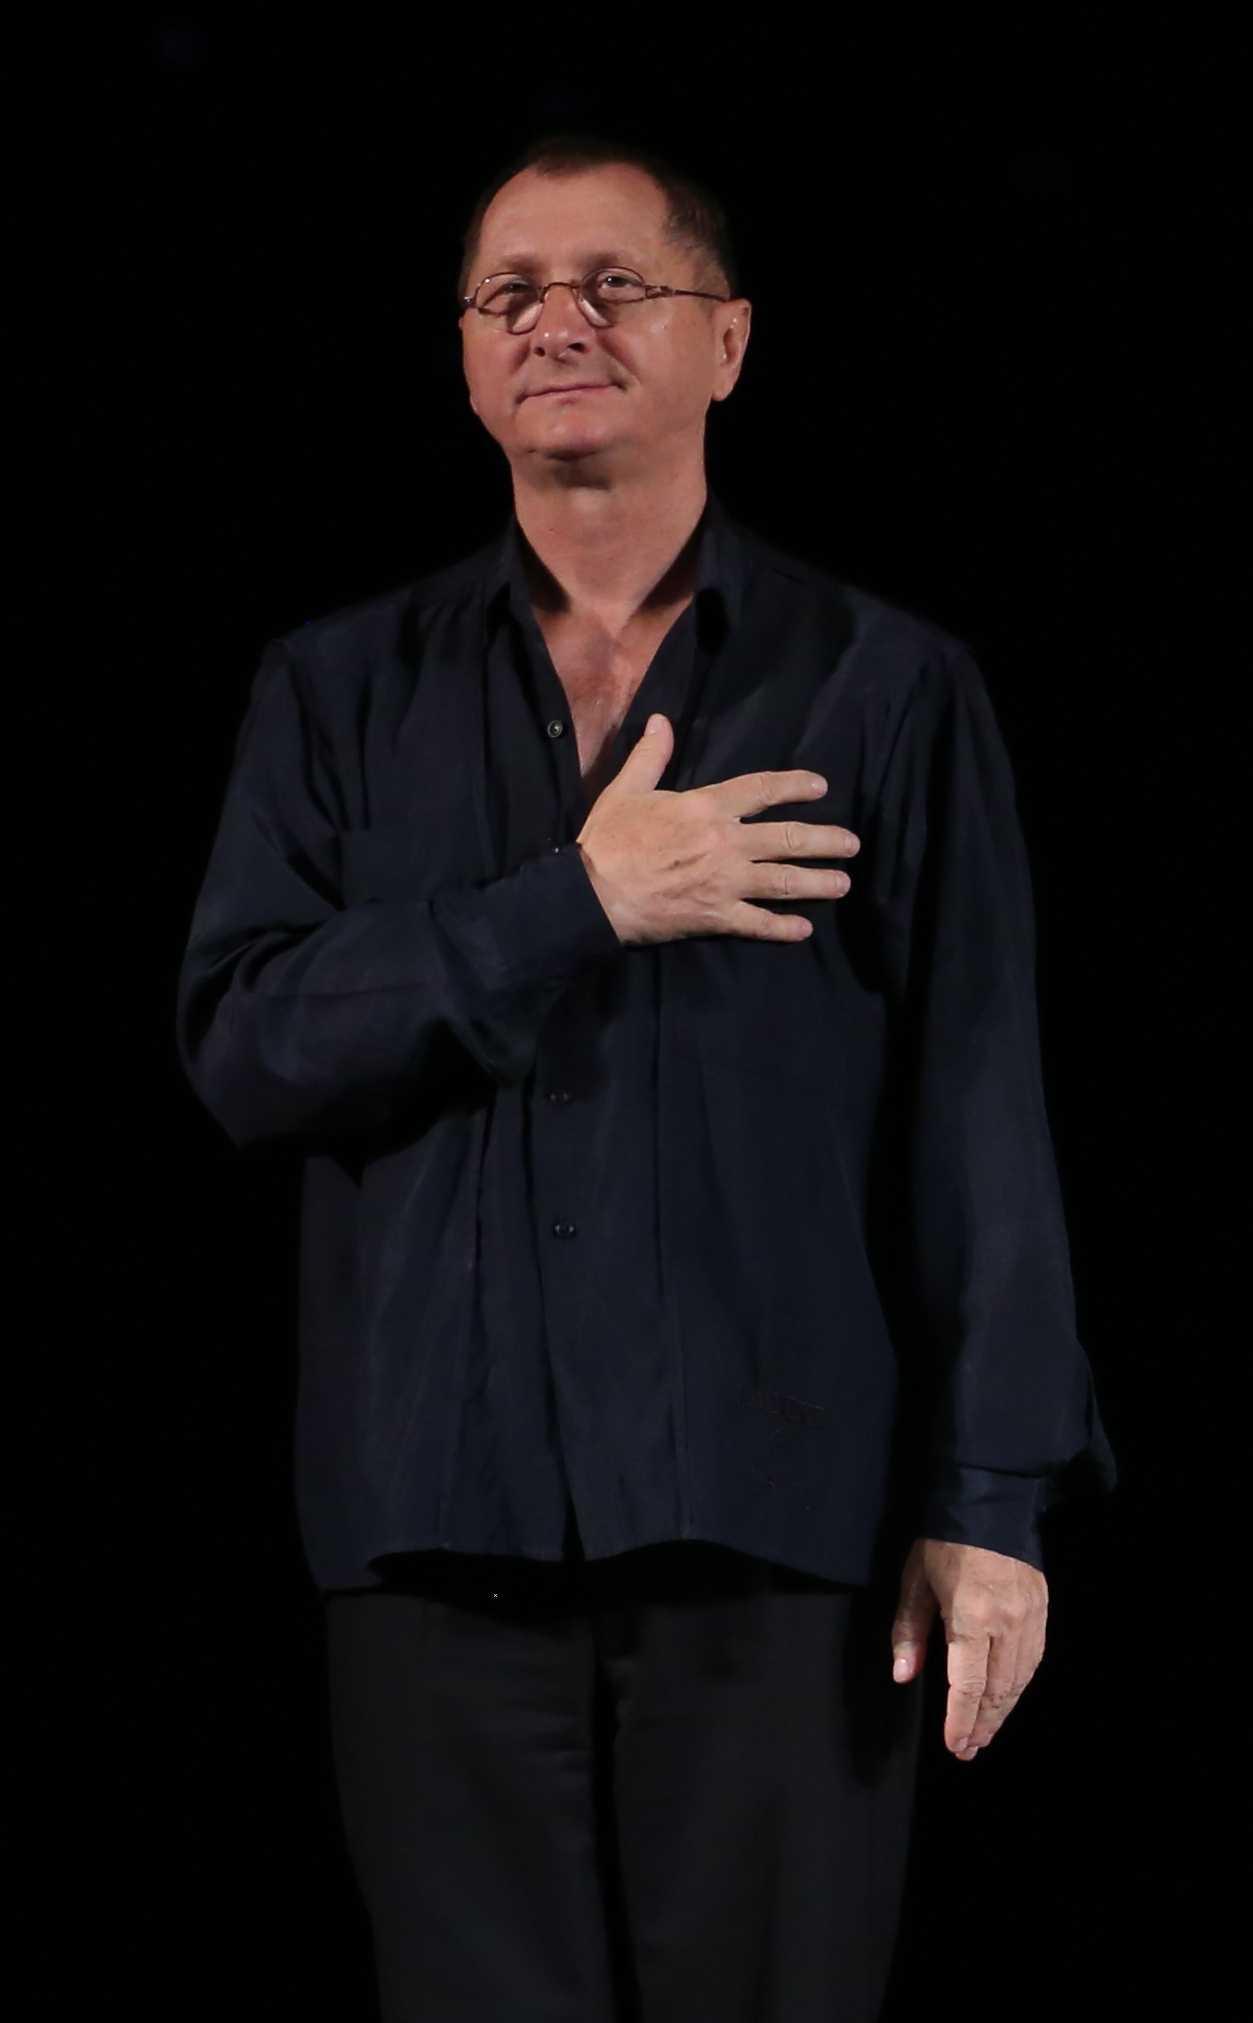 """La finalul spectacolului """"Sunt un orb"""", ediția specială de Valentine's Day.   Horațiu Mălăele oferă o proiecție gratuită a filmului """"Funeralii fericite"""""""